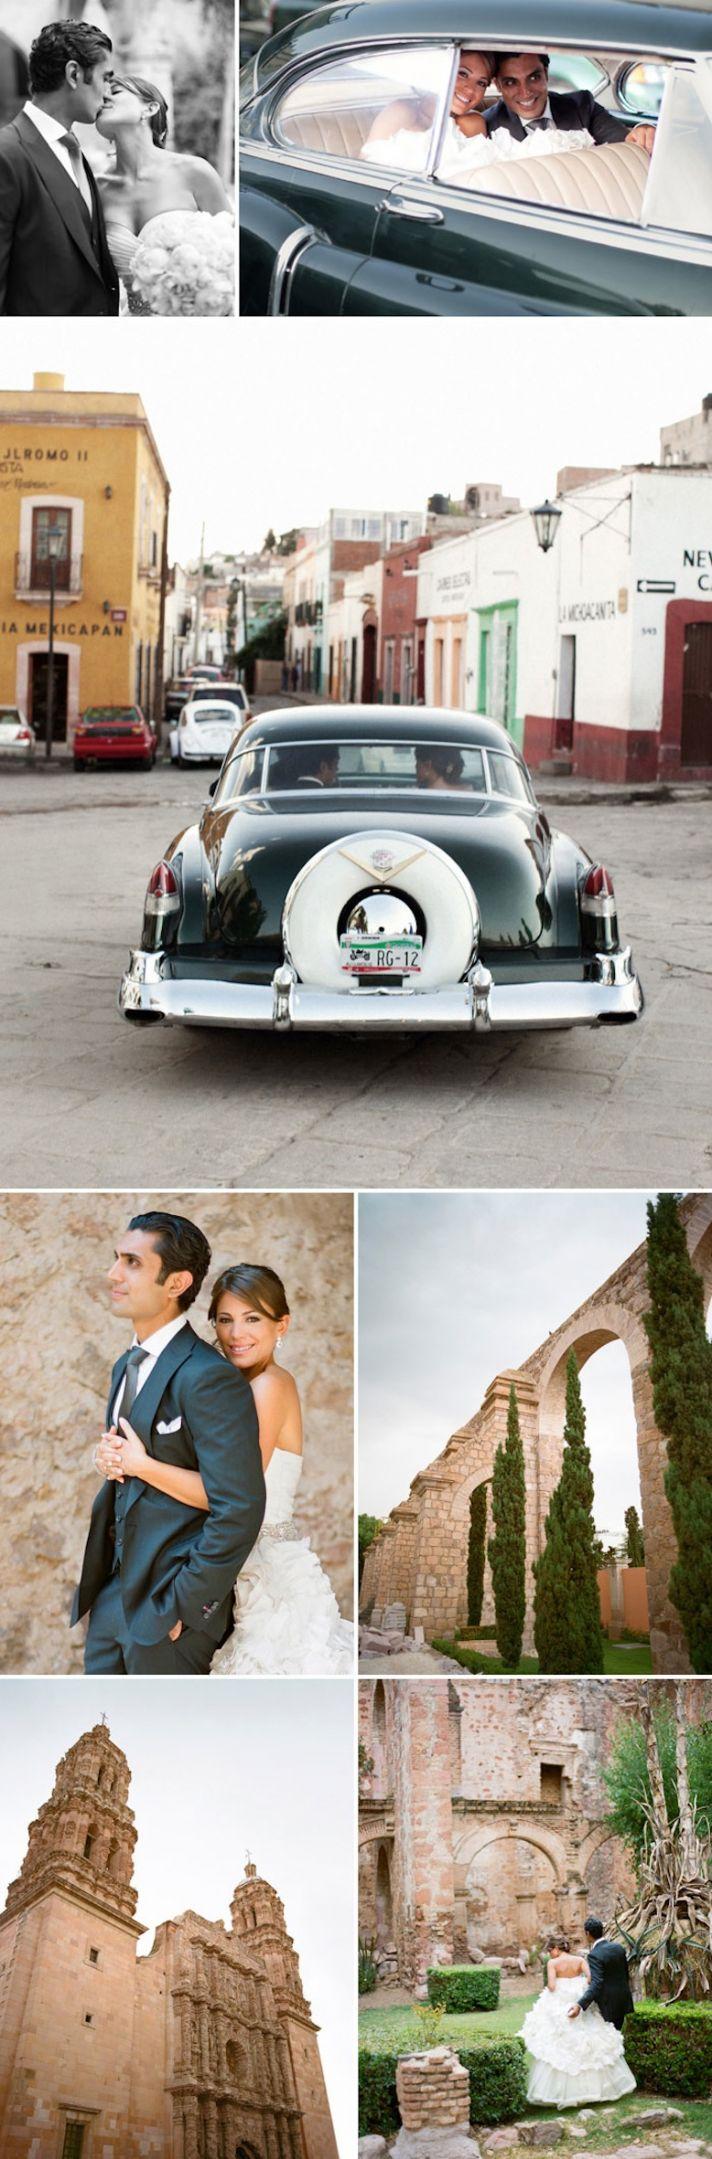 Bright destination wedding in Mexico by Aaron Delesie 8